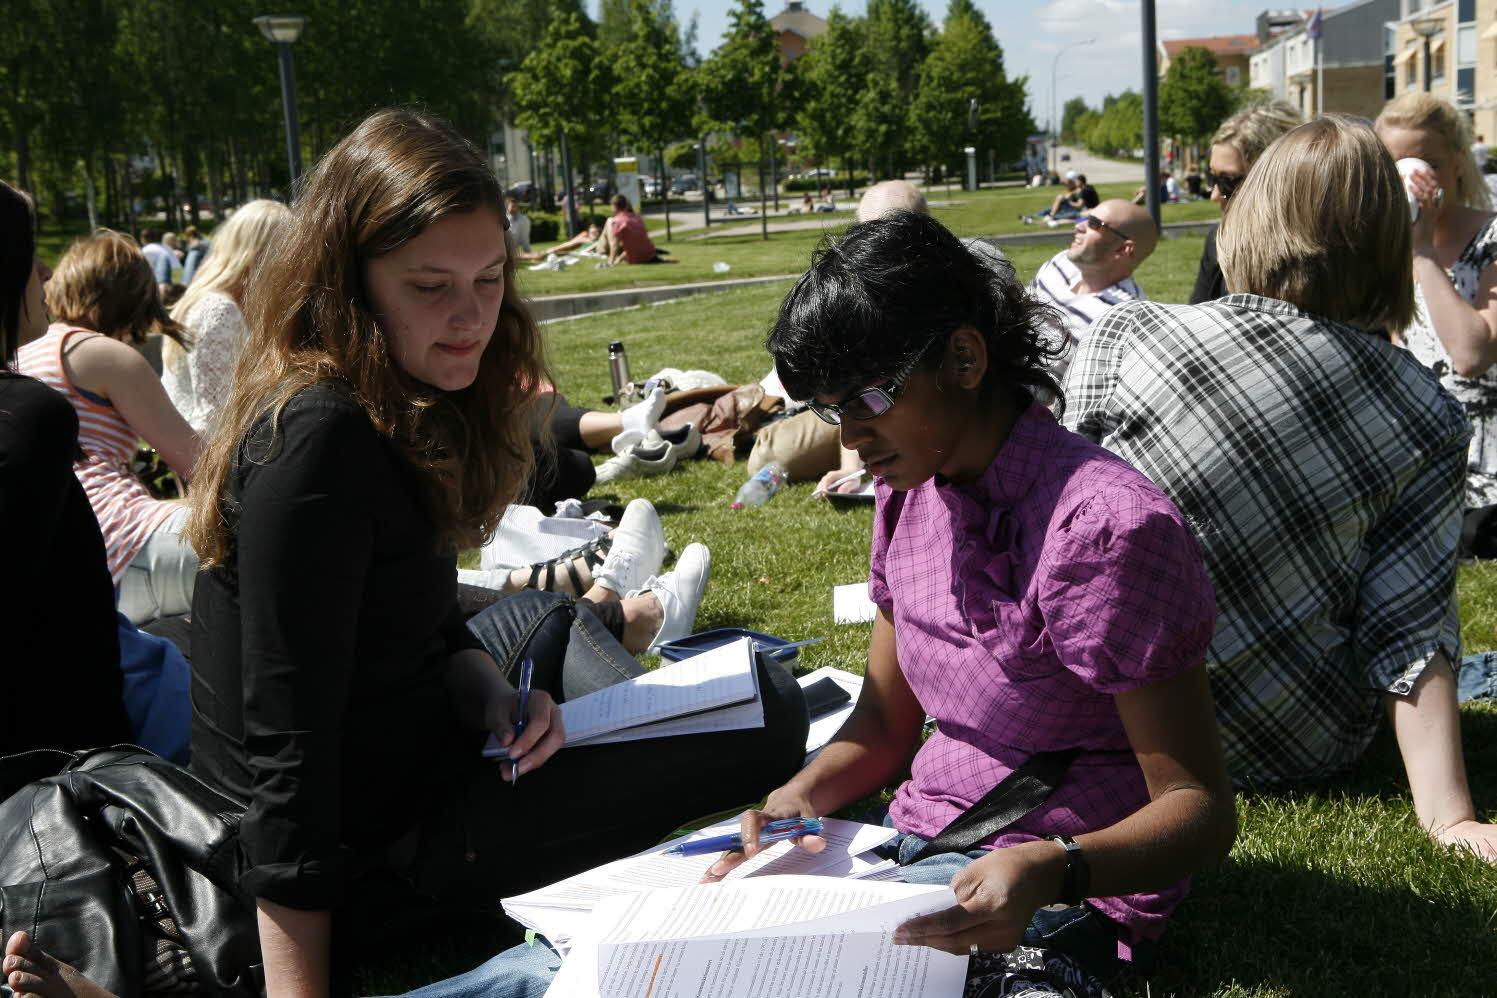 Linkopings universitet far dela ut civilekonomexamen